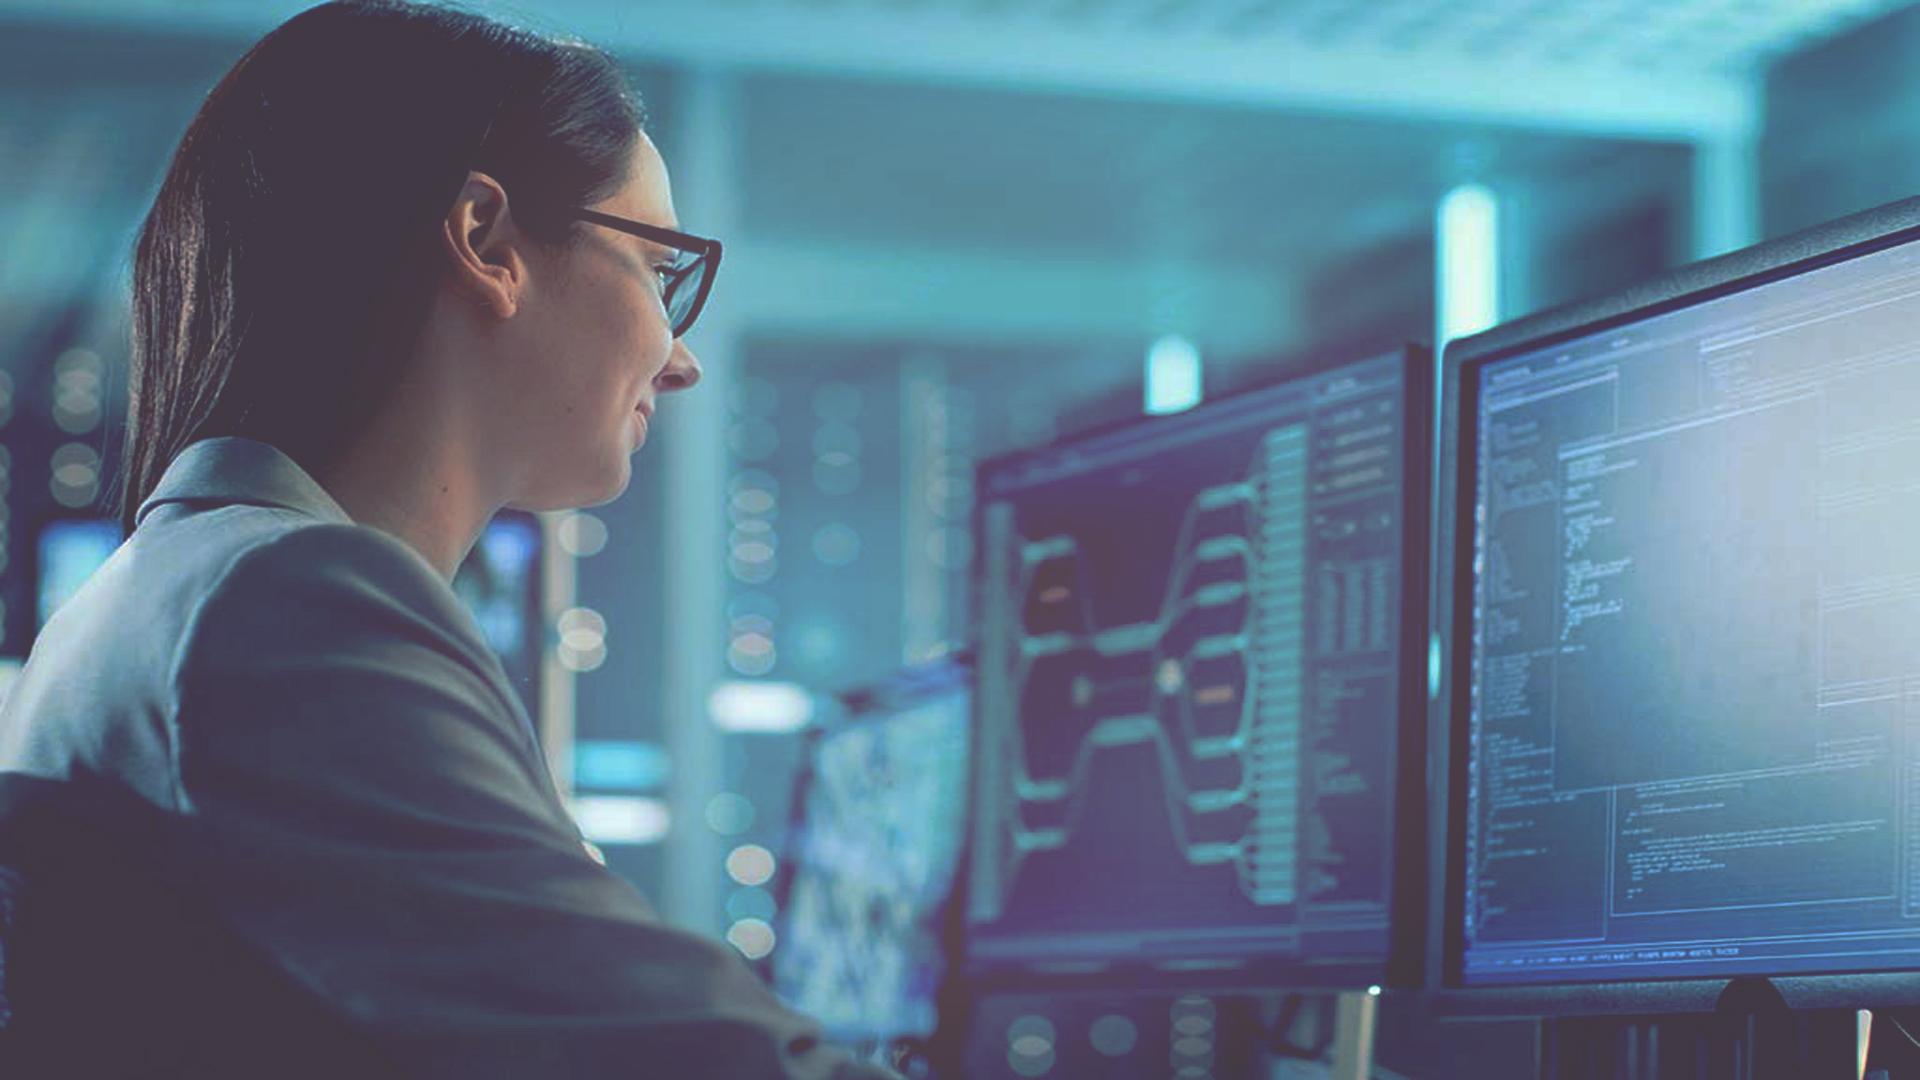 Las expectativas de las empresas TIC mejoran en casi 30 puntos en este final de 2020